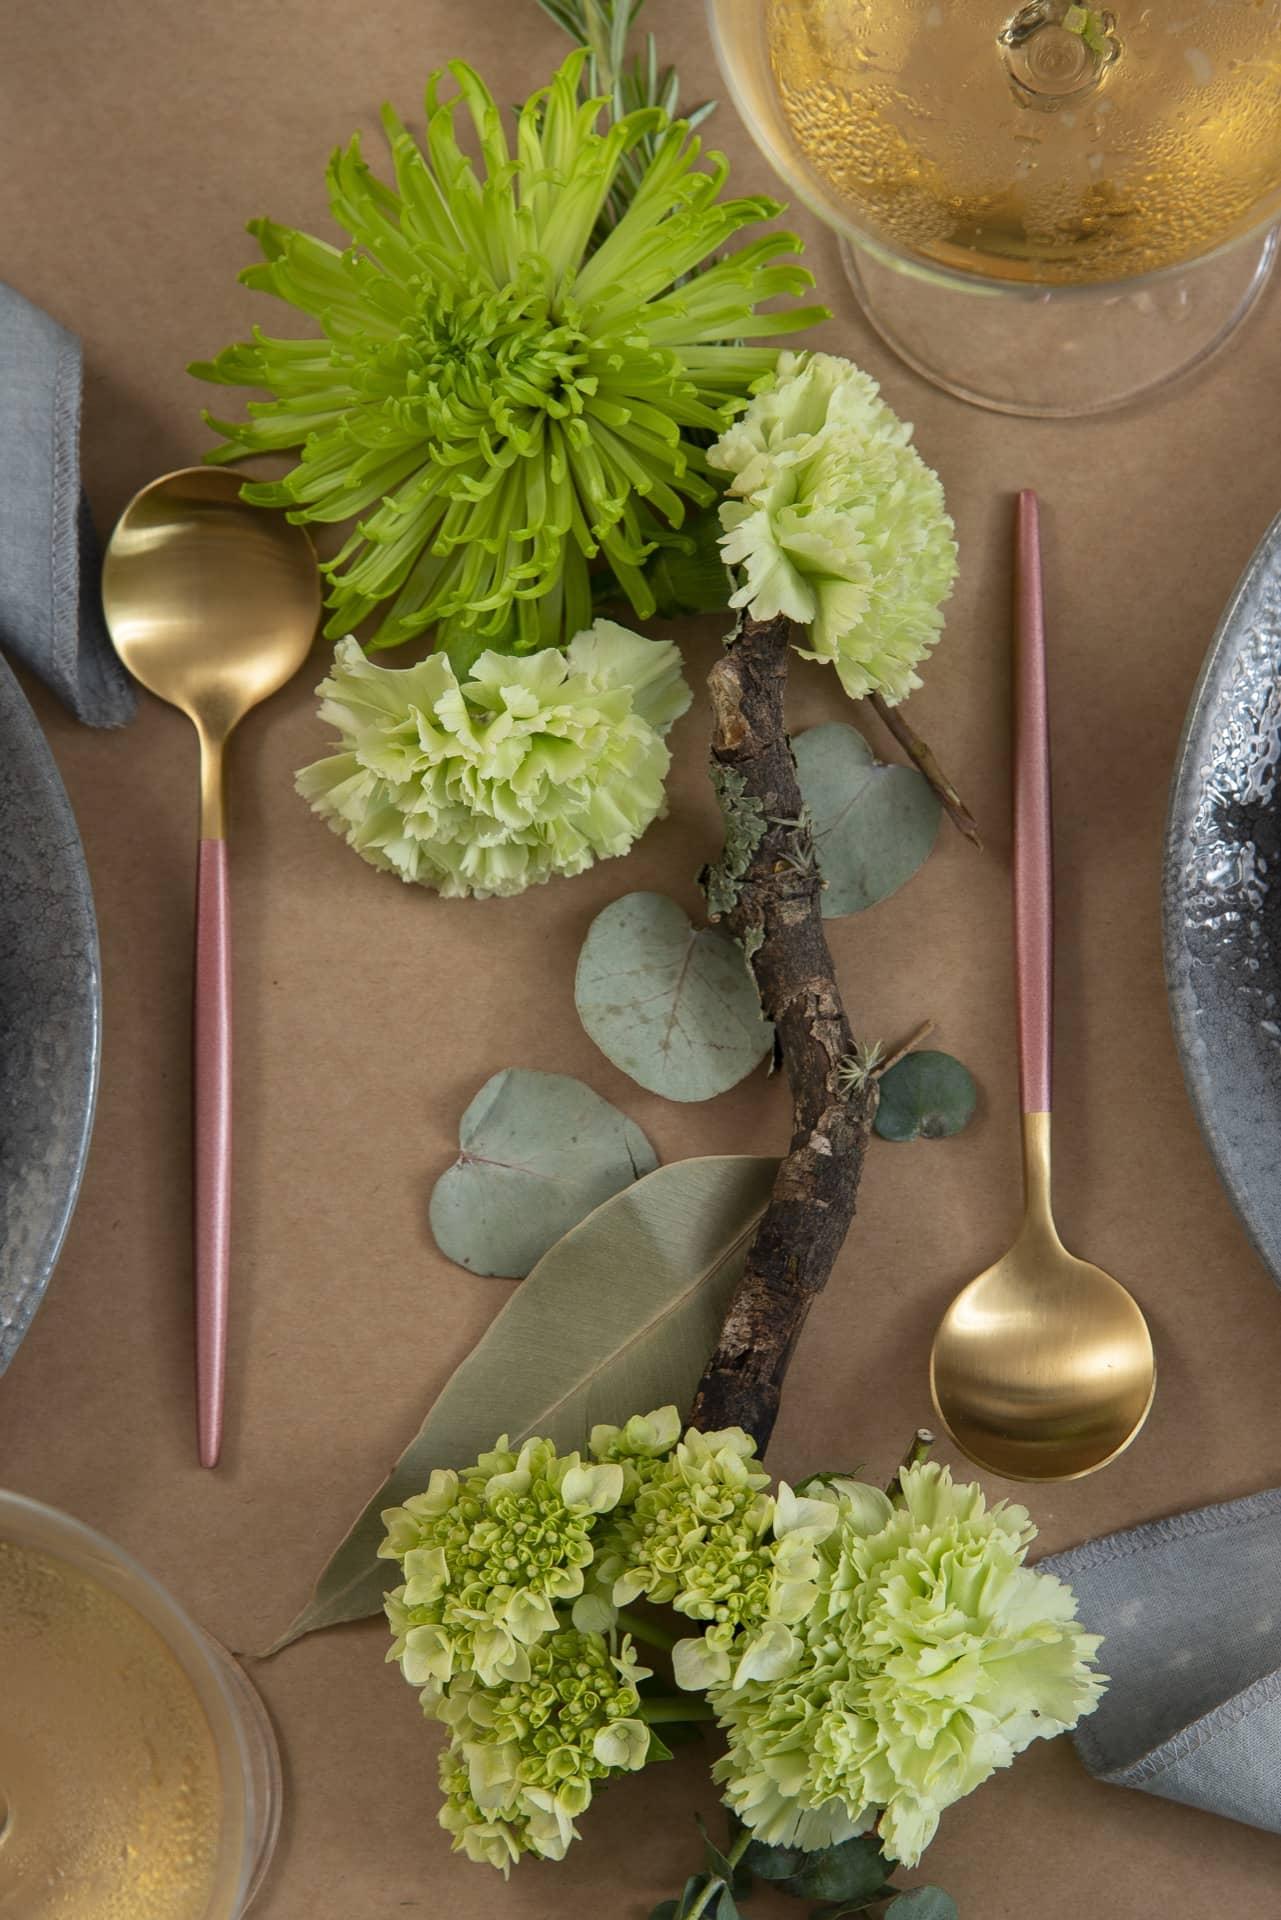 Um galho e algumas flores e folhas verdes, formam o centro de mesa. Um arranjo simples, mas muito charmoso para o Dia dos Namorados 2020. Foto: Cacá Bratke